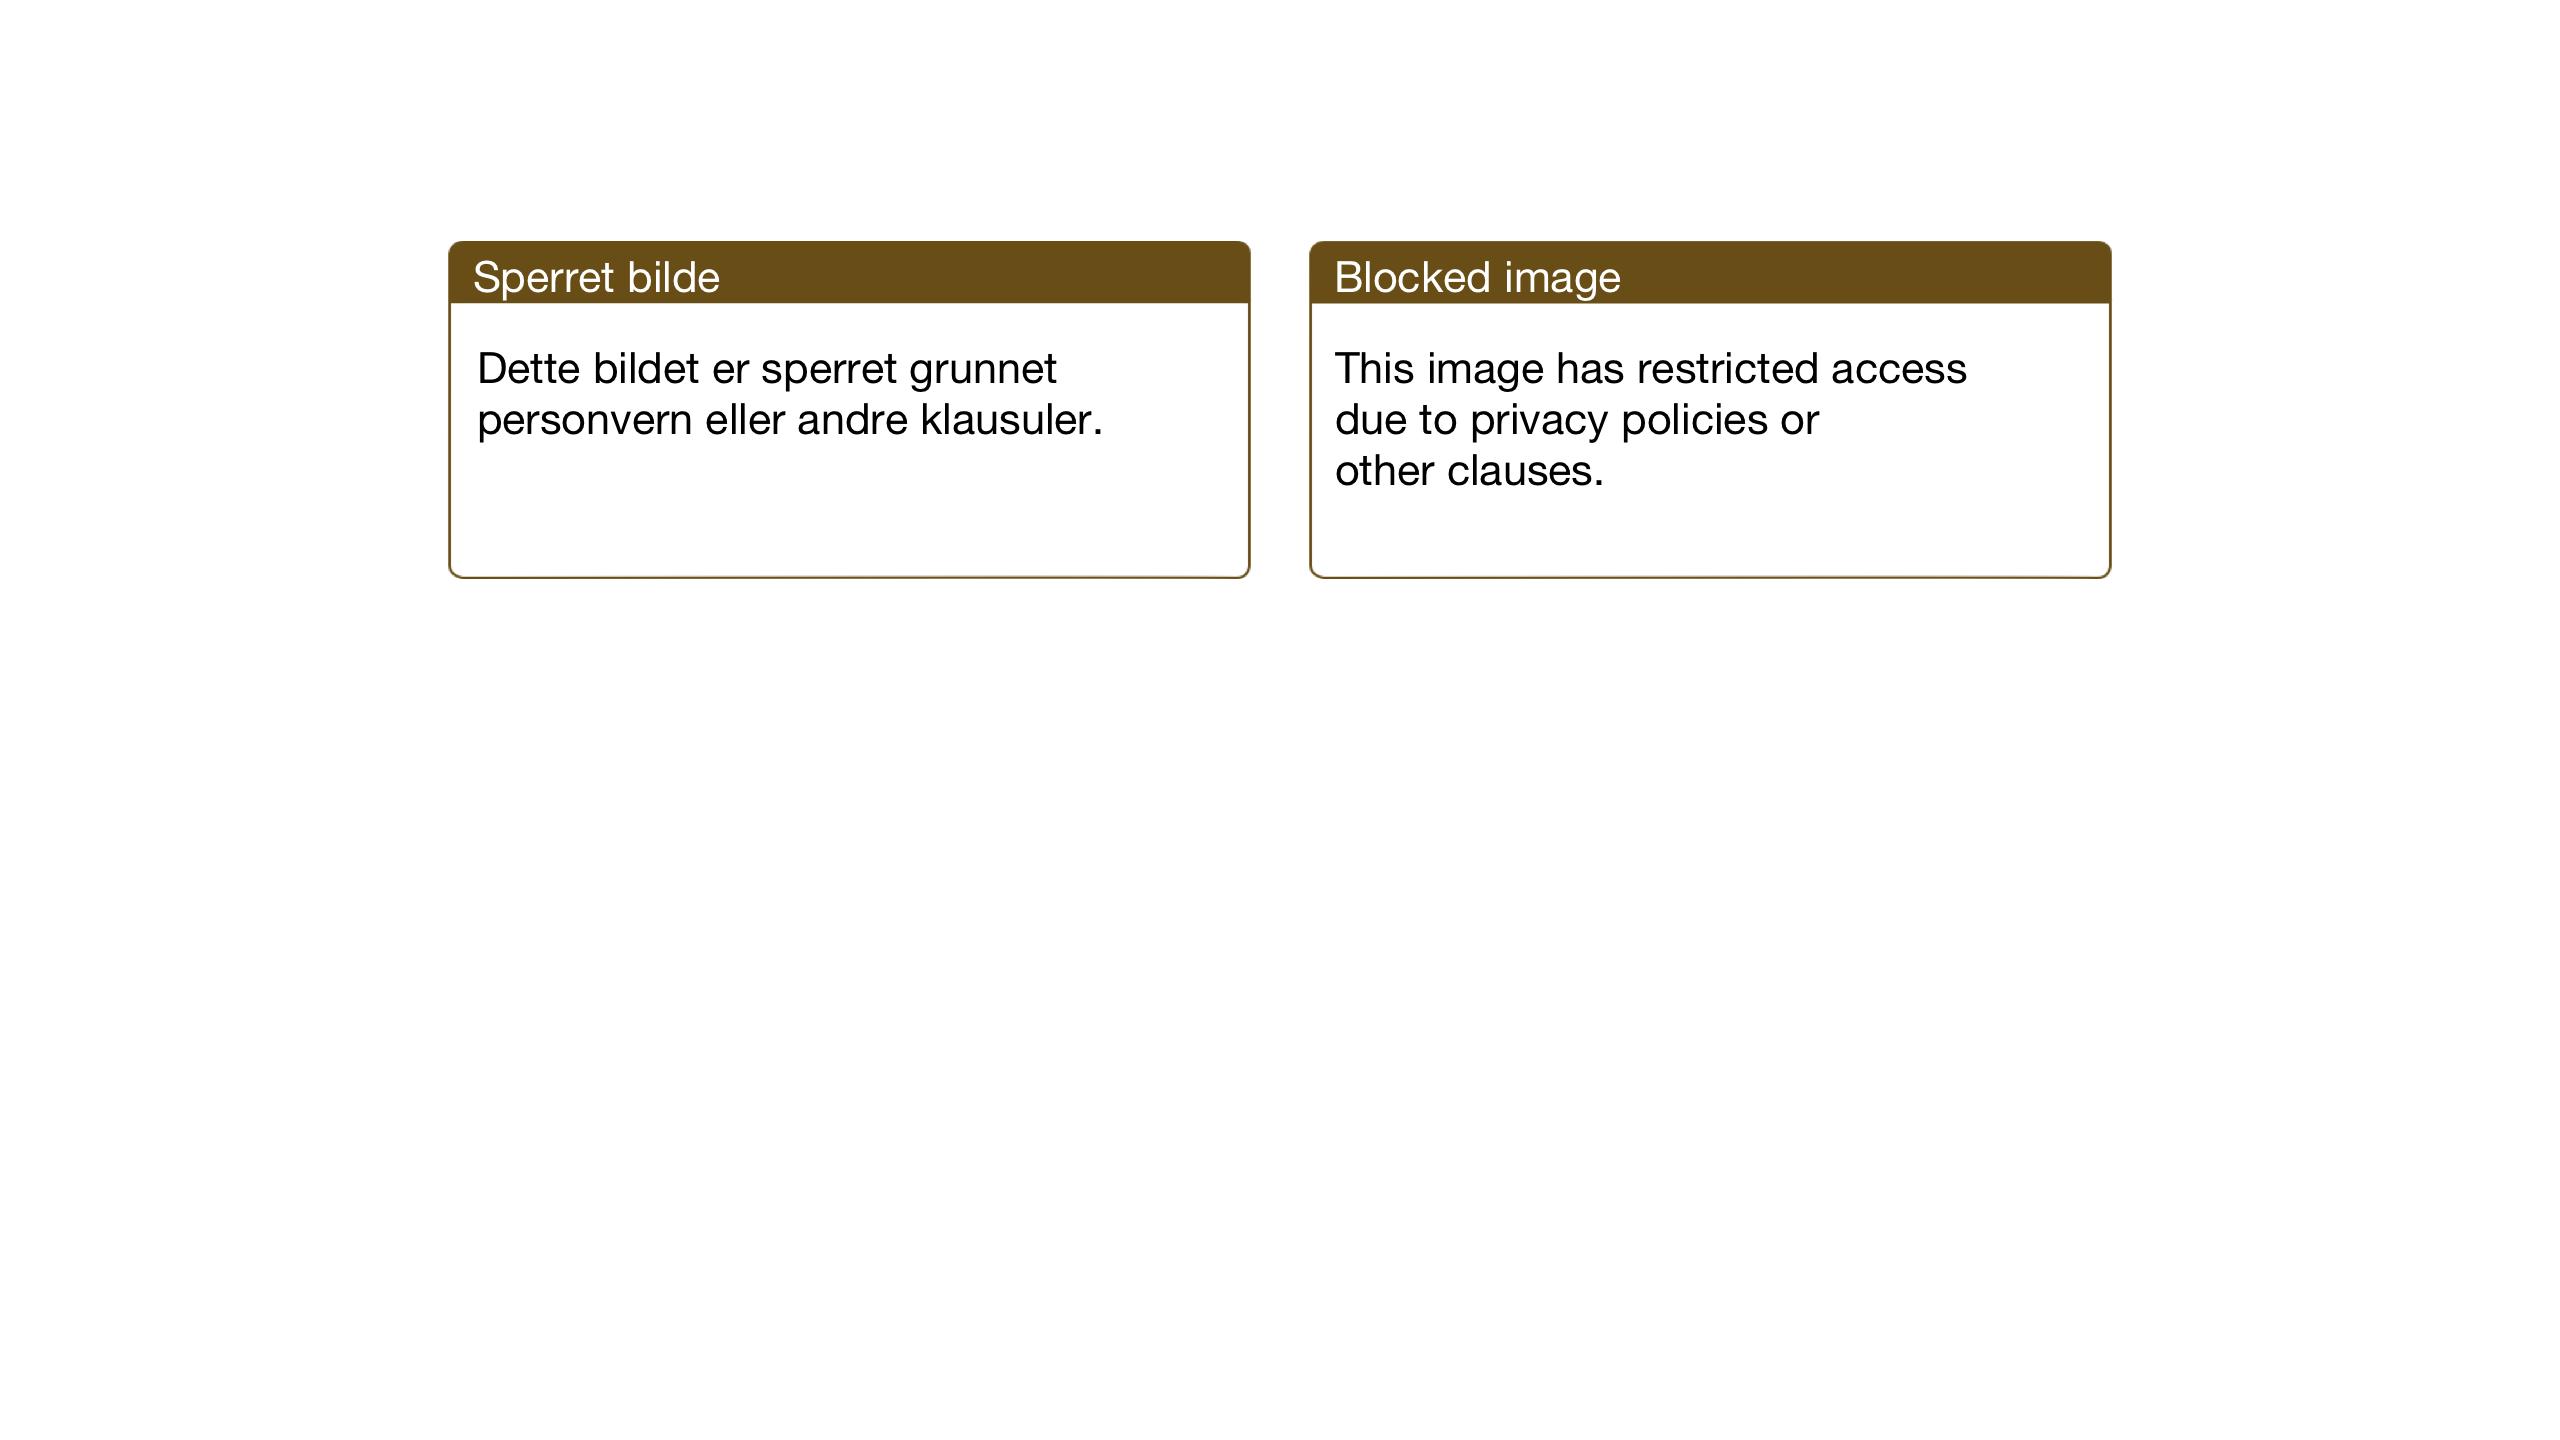 SAT, Ministerialprotokoller, klokkerbøker og fødselsregistre - Sør-Trøndelag, 692/L1114: Klokkerbok nr. 692C09, 1928-1935, s. 36